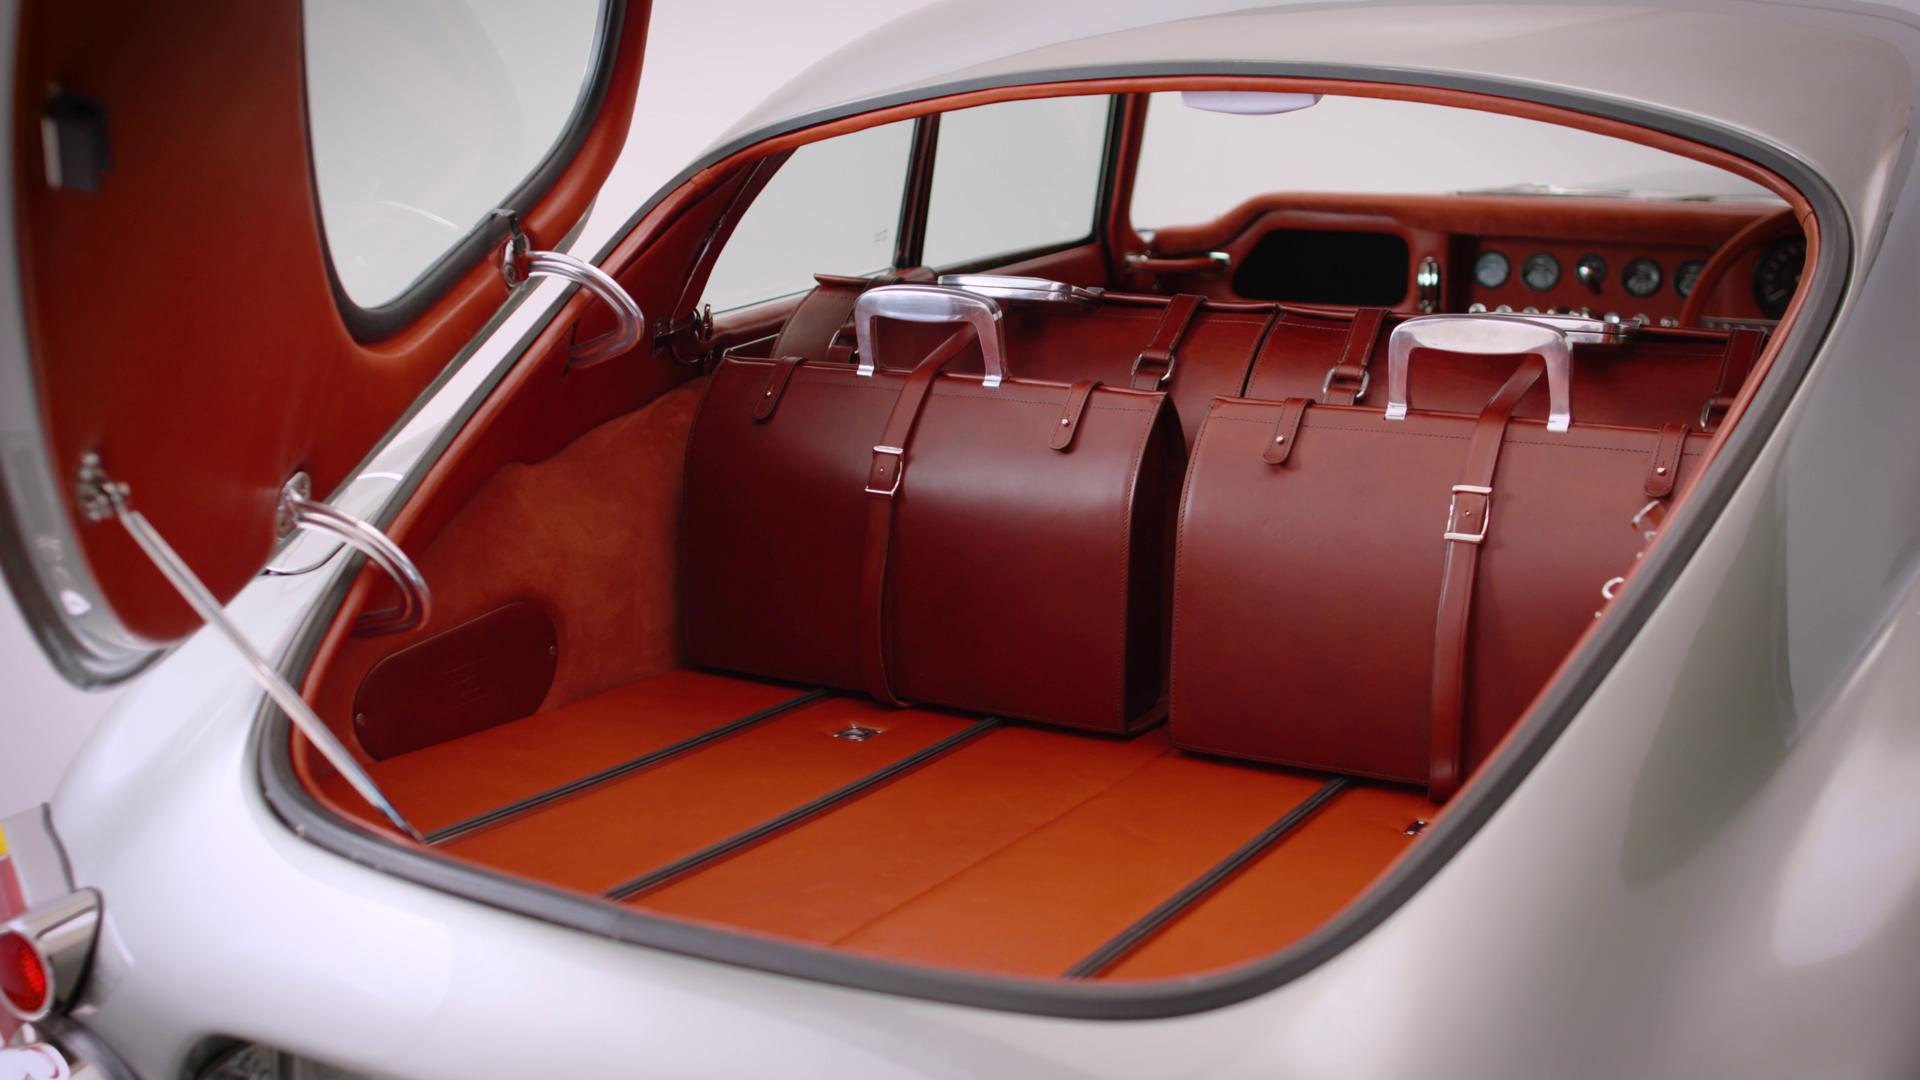 Покупатели получат комплект багажных сумок, изготовленных вручную и идеально подходящих по размеру к багажнику купе.